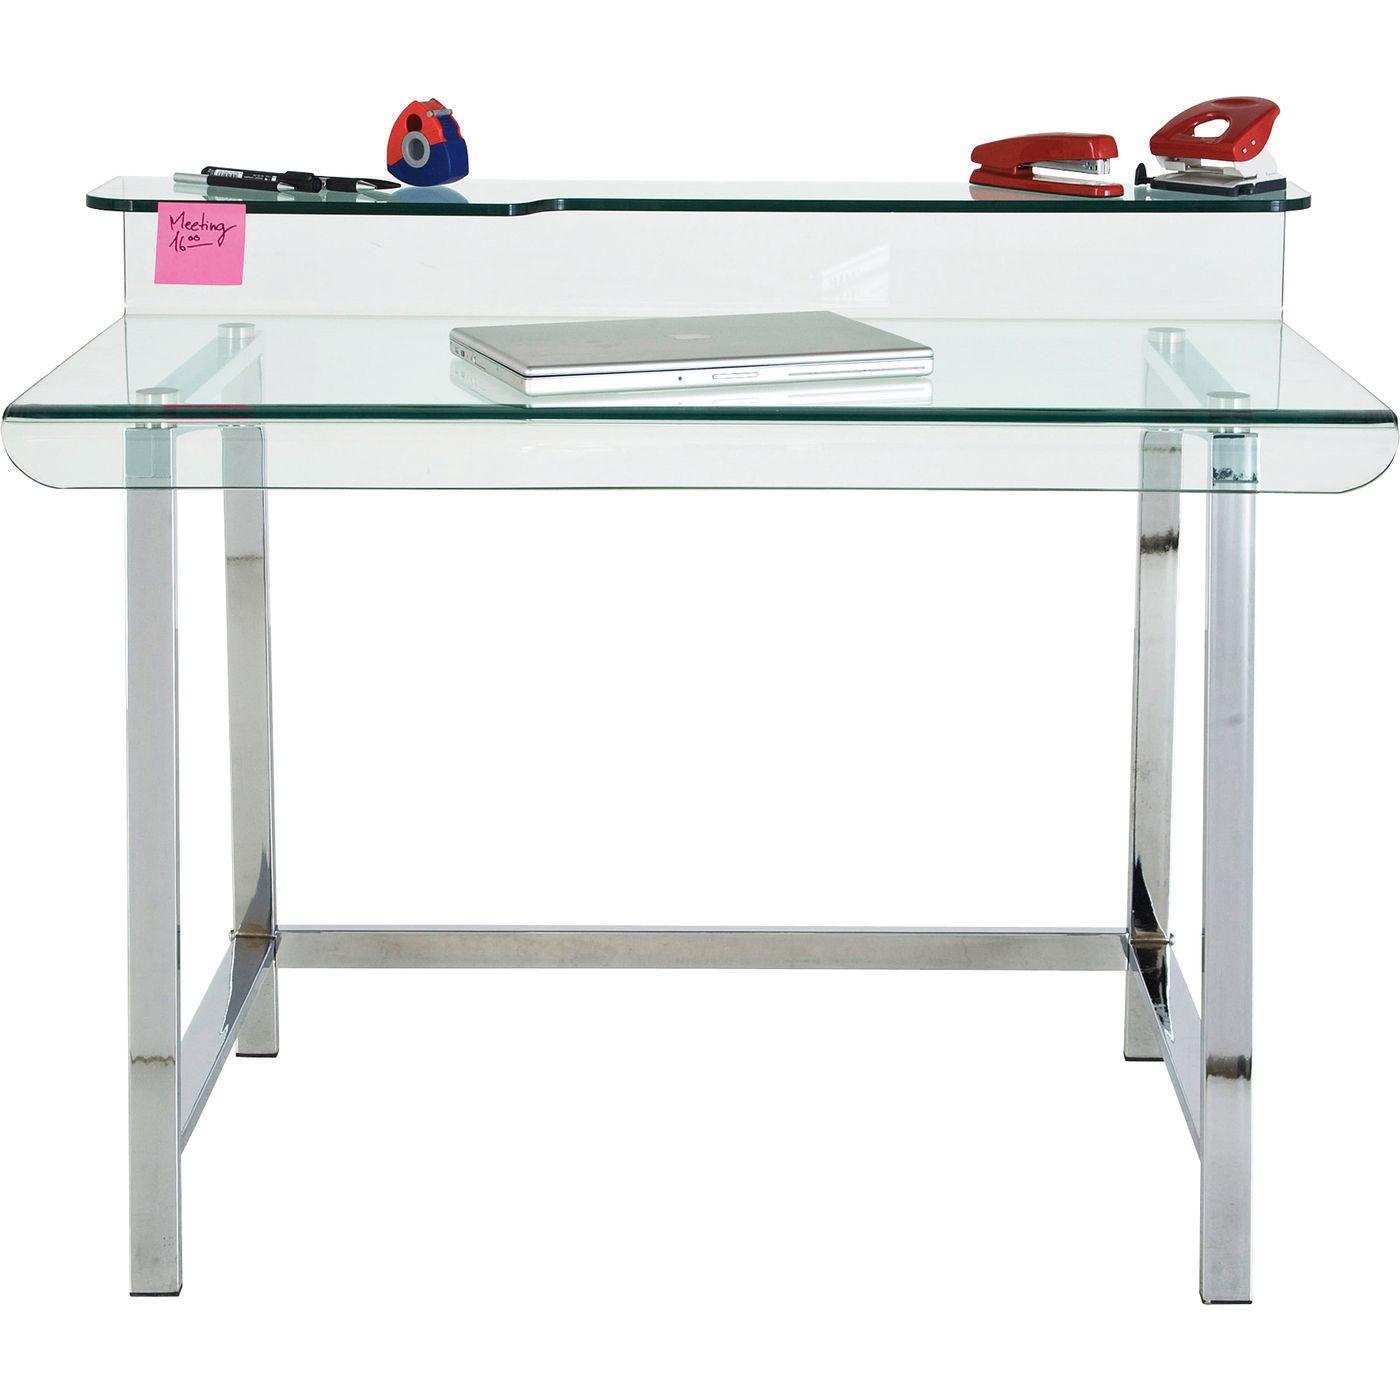 Billede af Visible skrivebord